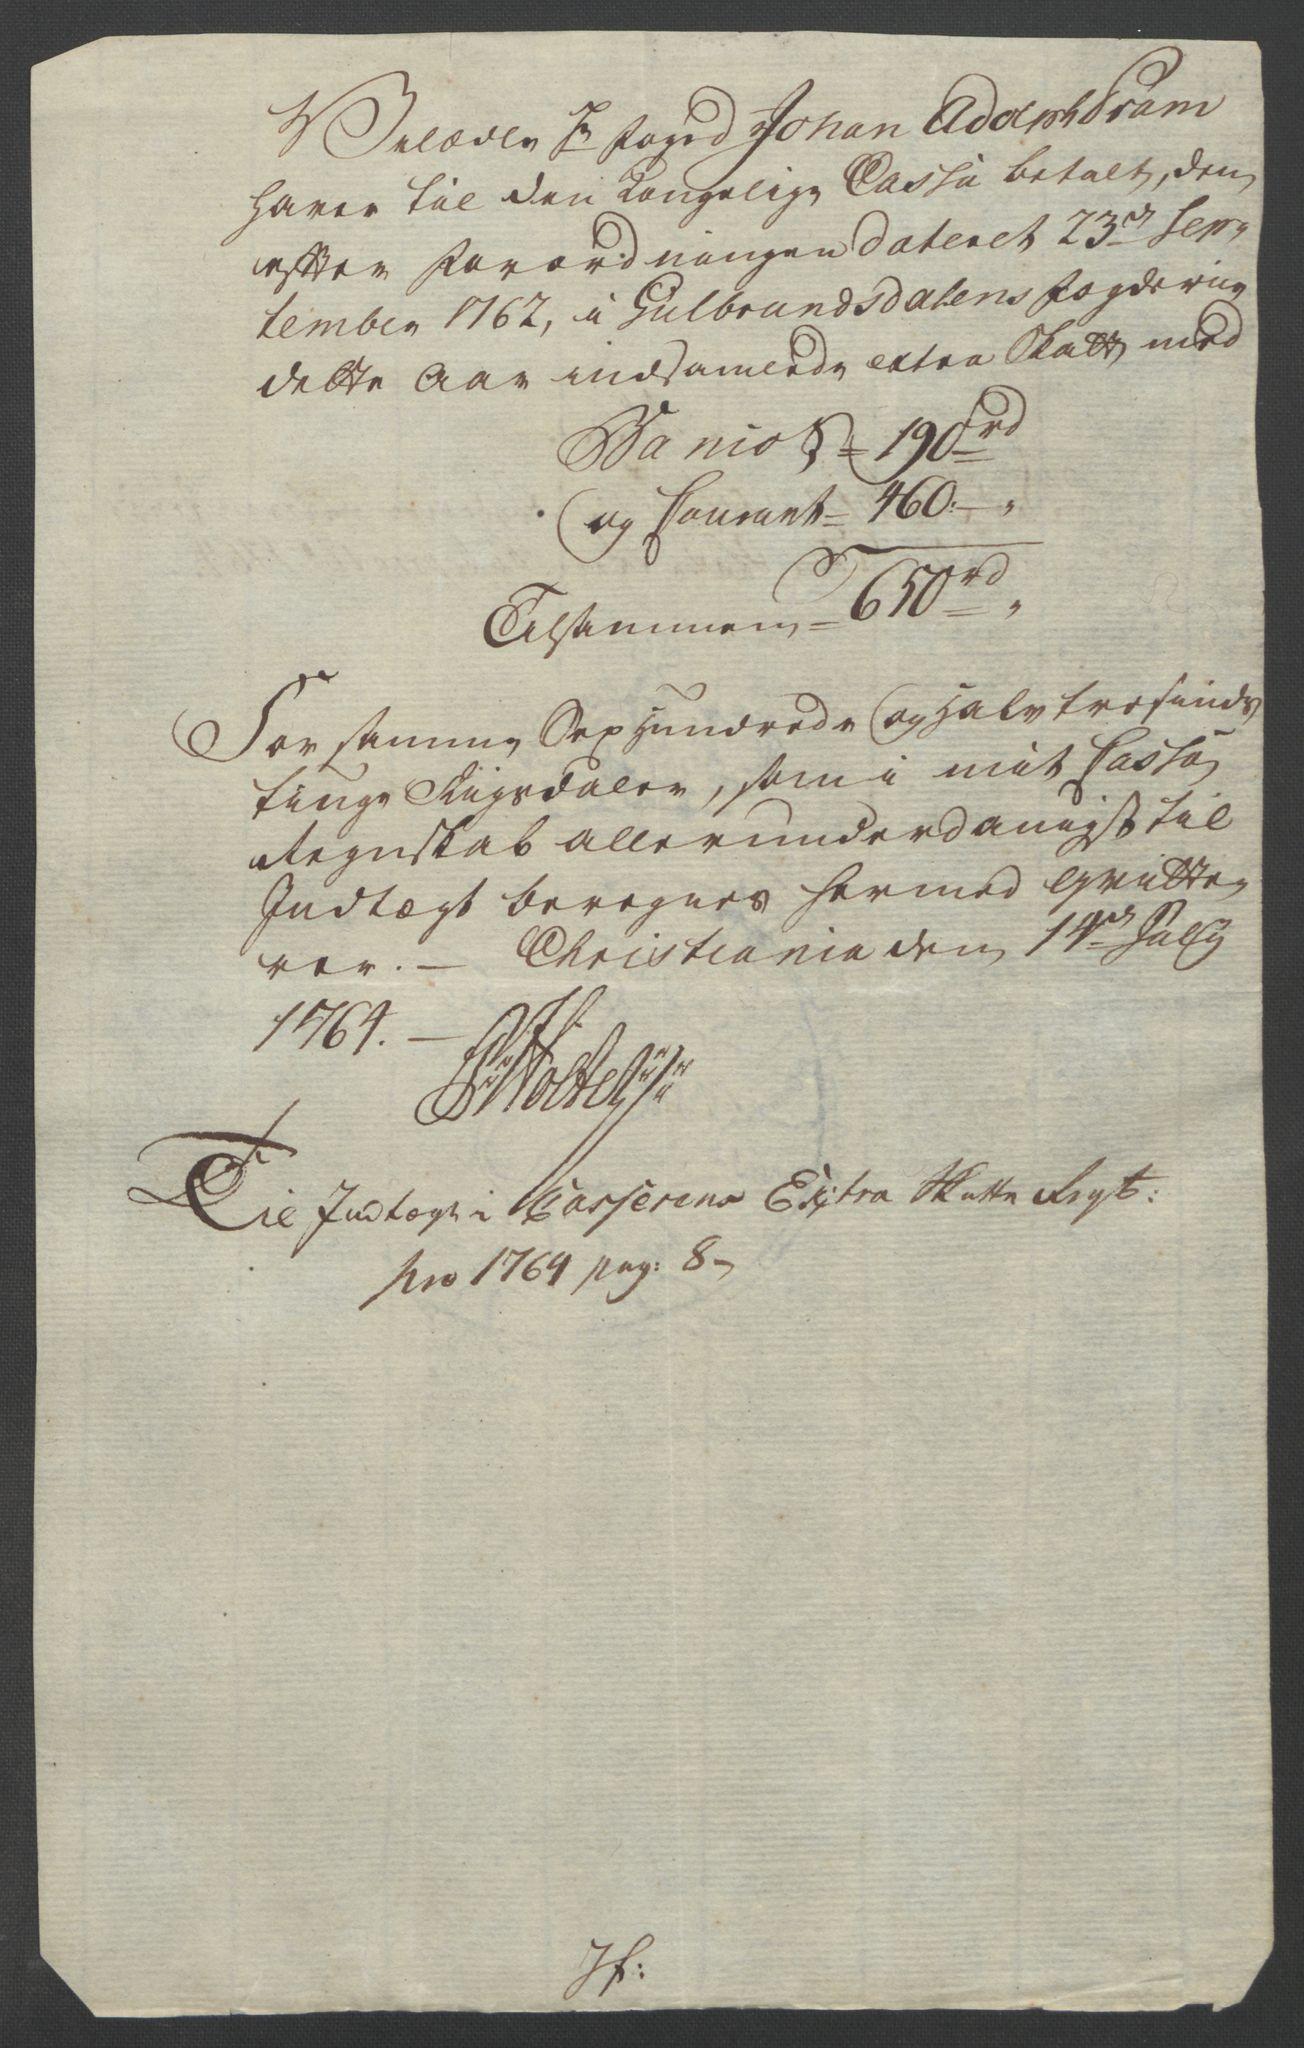 RA, Rentekammeret inntil 1814, Reviderte regnskaper, Fogderegnskap, R17/L1266: Ekstraskatten Gudbrandsdal, 1762-1766, s. 439